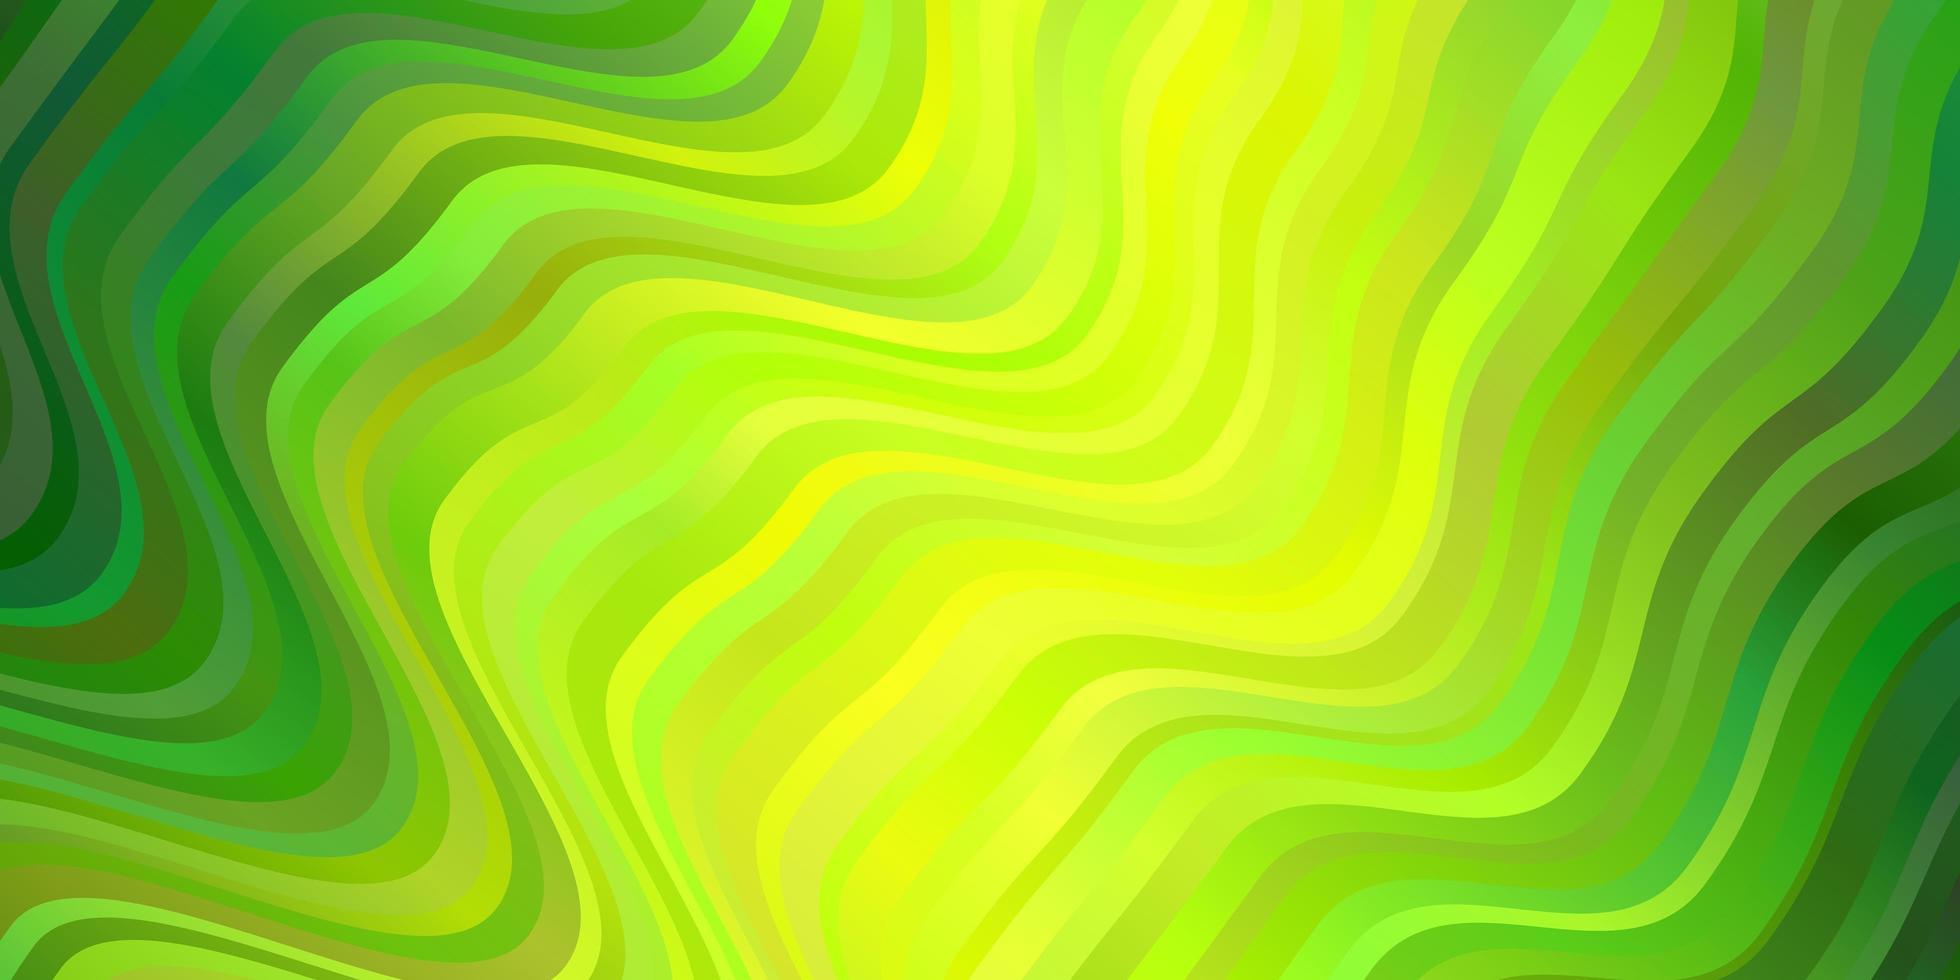 grön bakgrund med böjda linjer. vektor